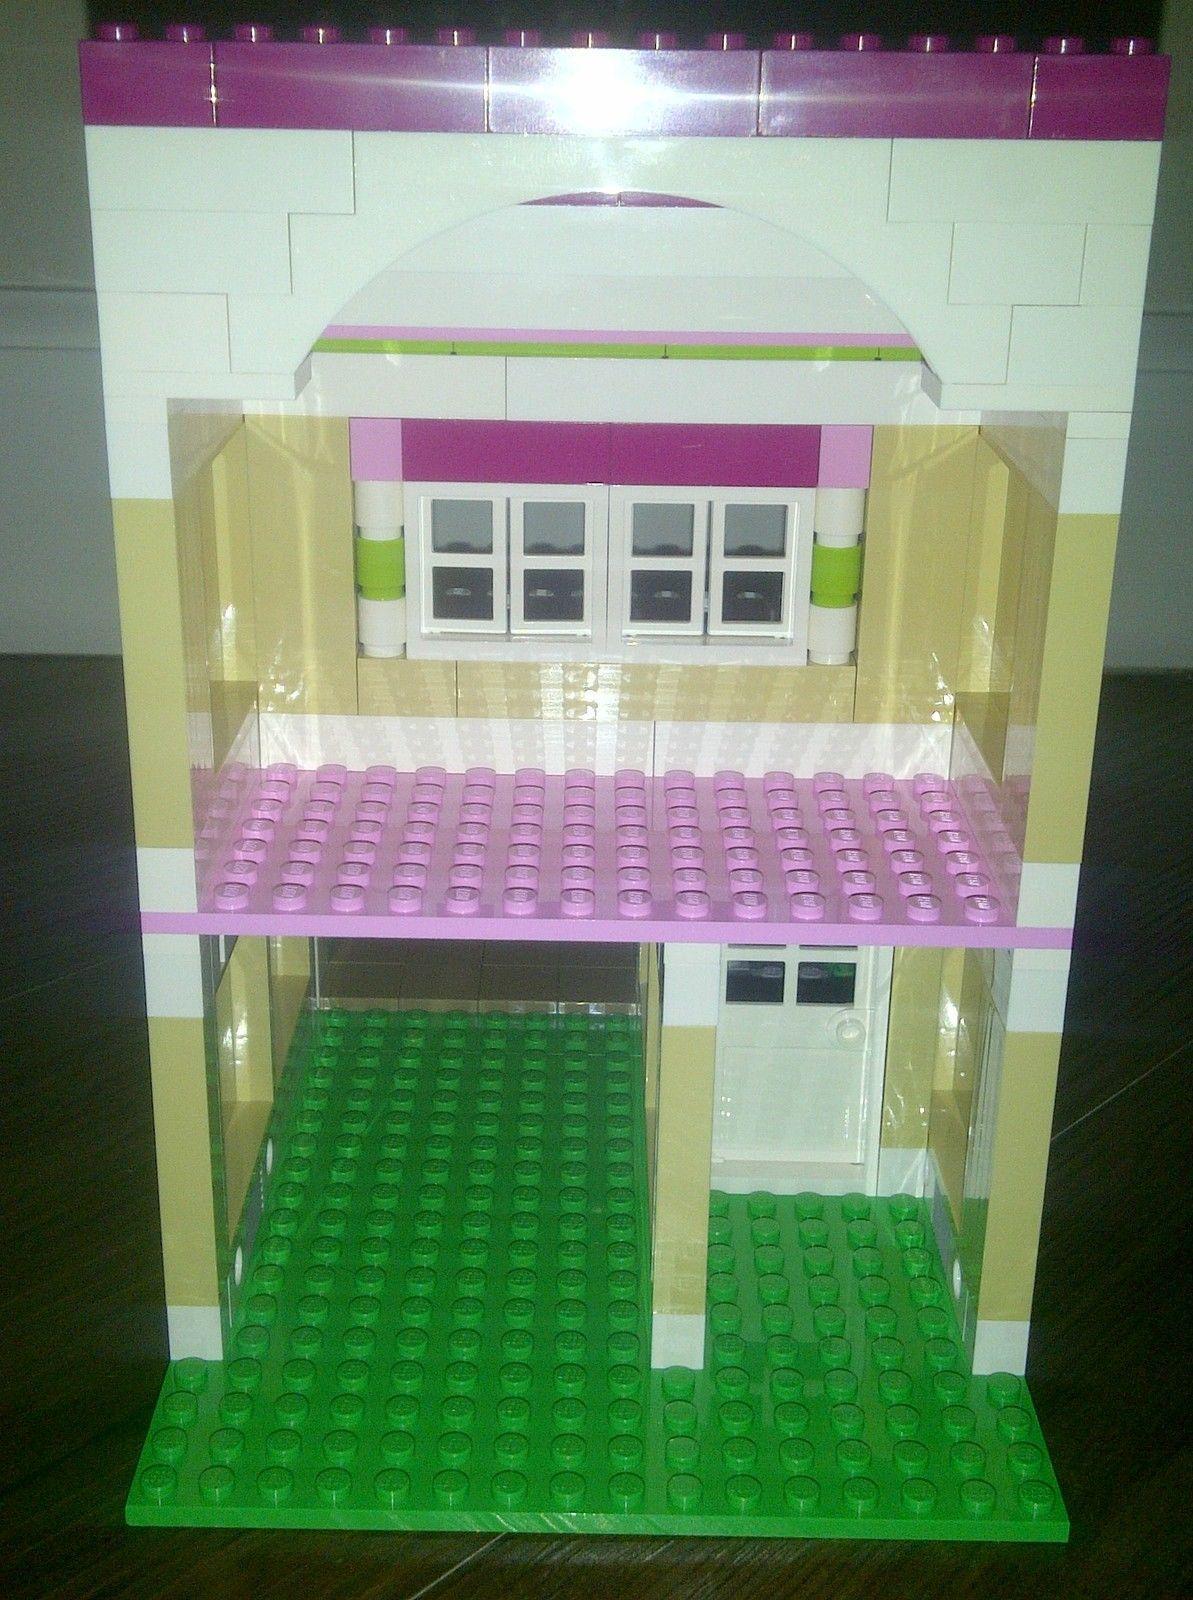 Real Life Lego House Lego House Traditional Interior Lego Lego Lego Pinterest